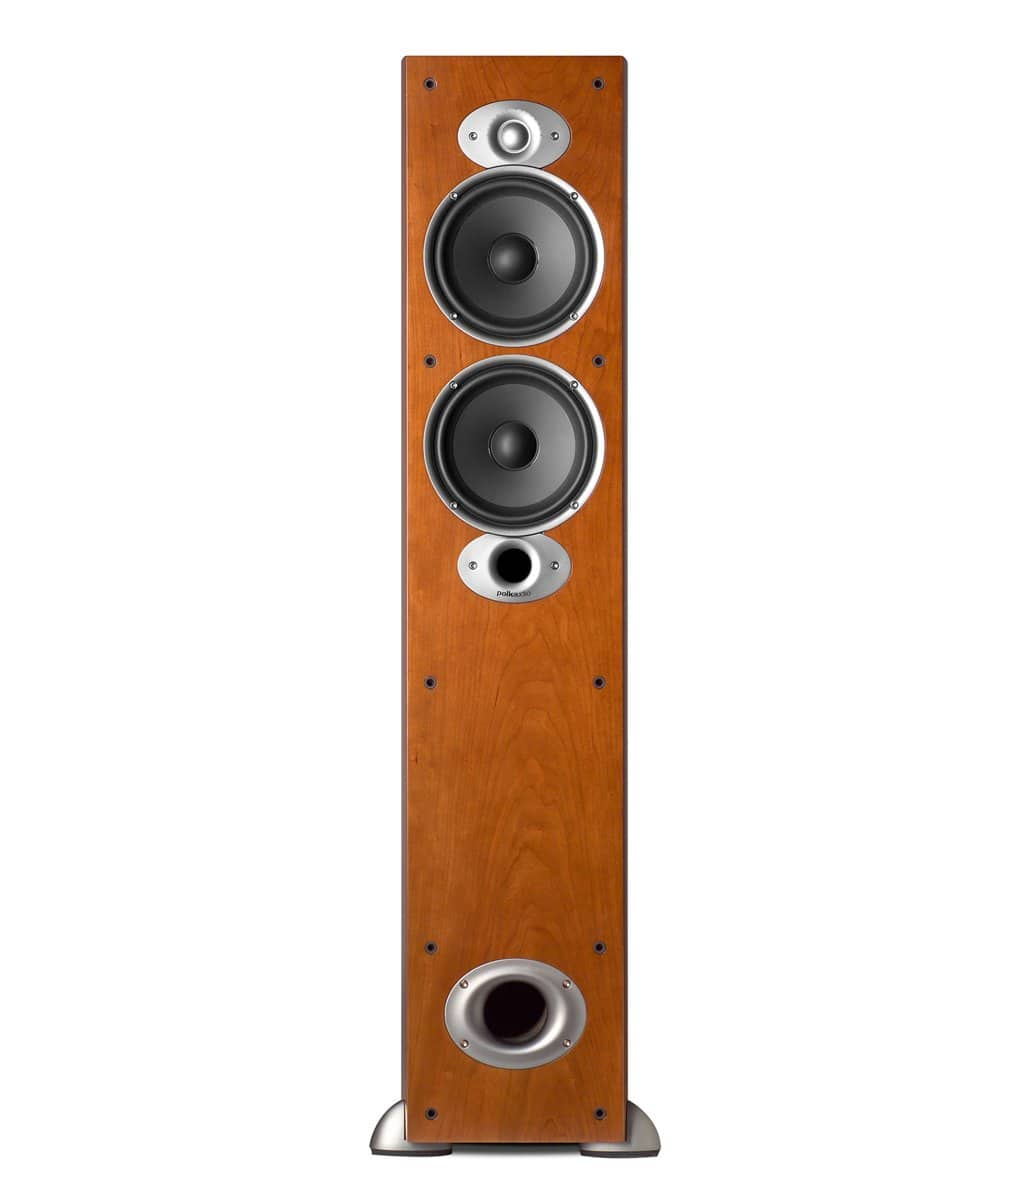 Polk Audio RTI A5 Floor Standing Speaker - Single for 149$